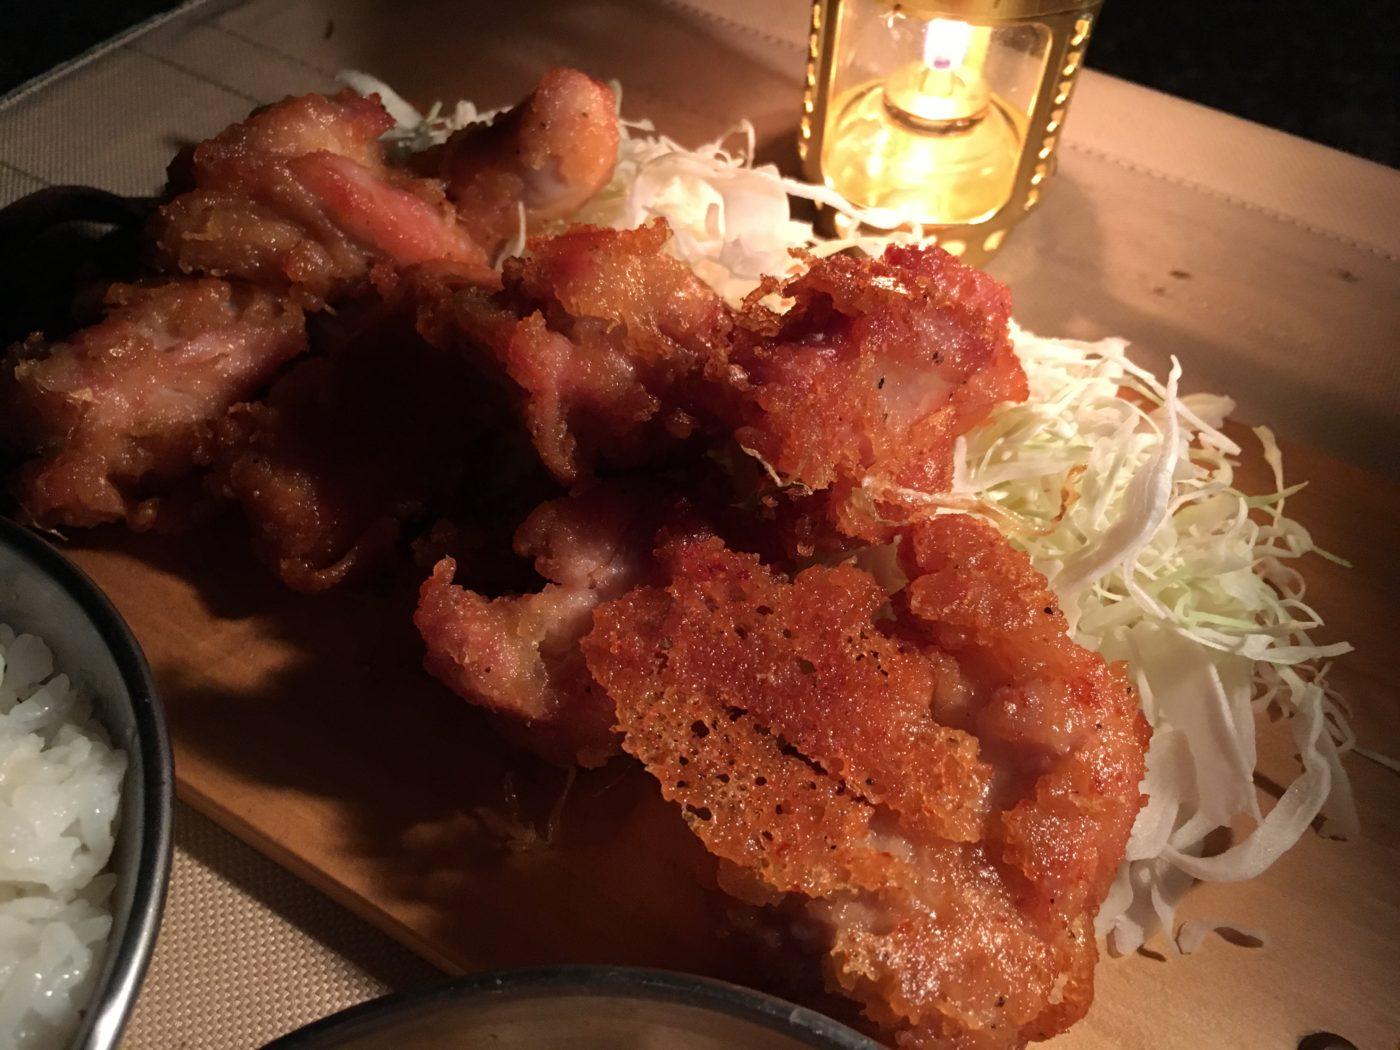 【キャンプ飯レシピ】キャンプの夕飯に唐揚げ定食豚汁変更